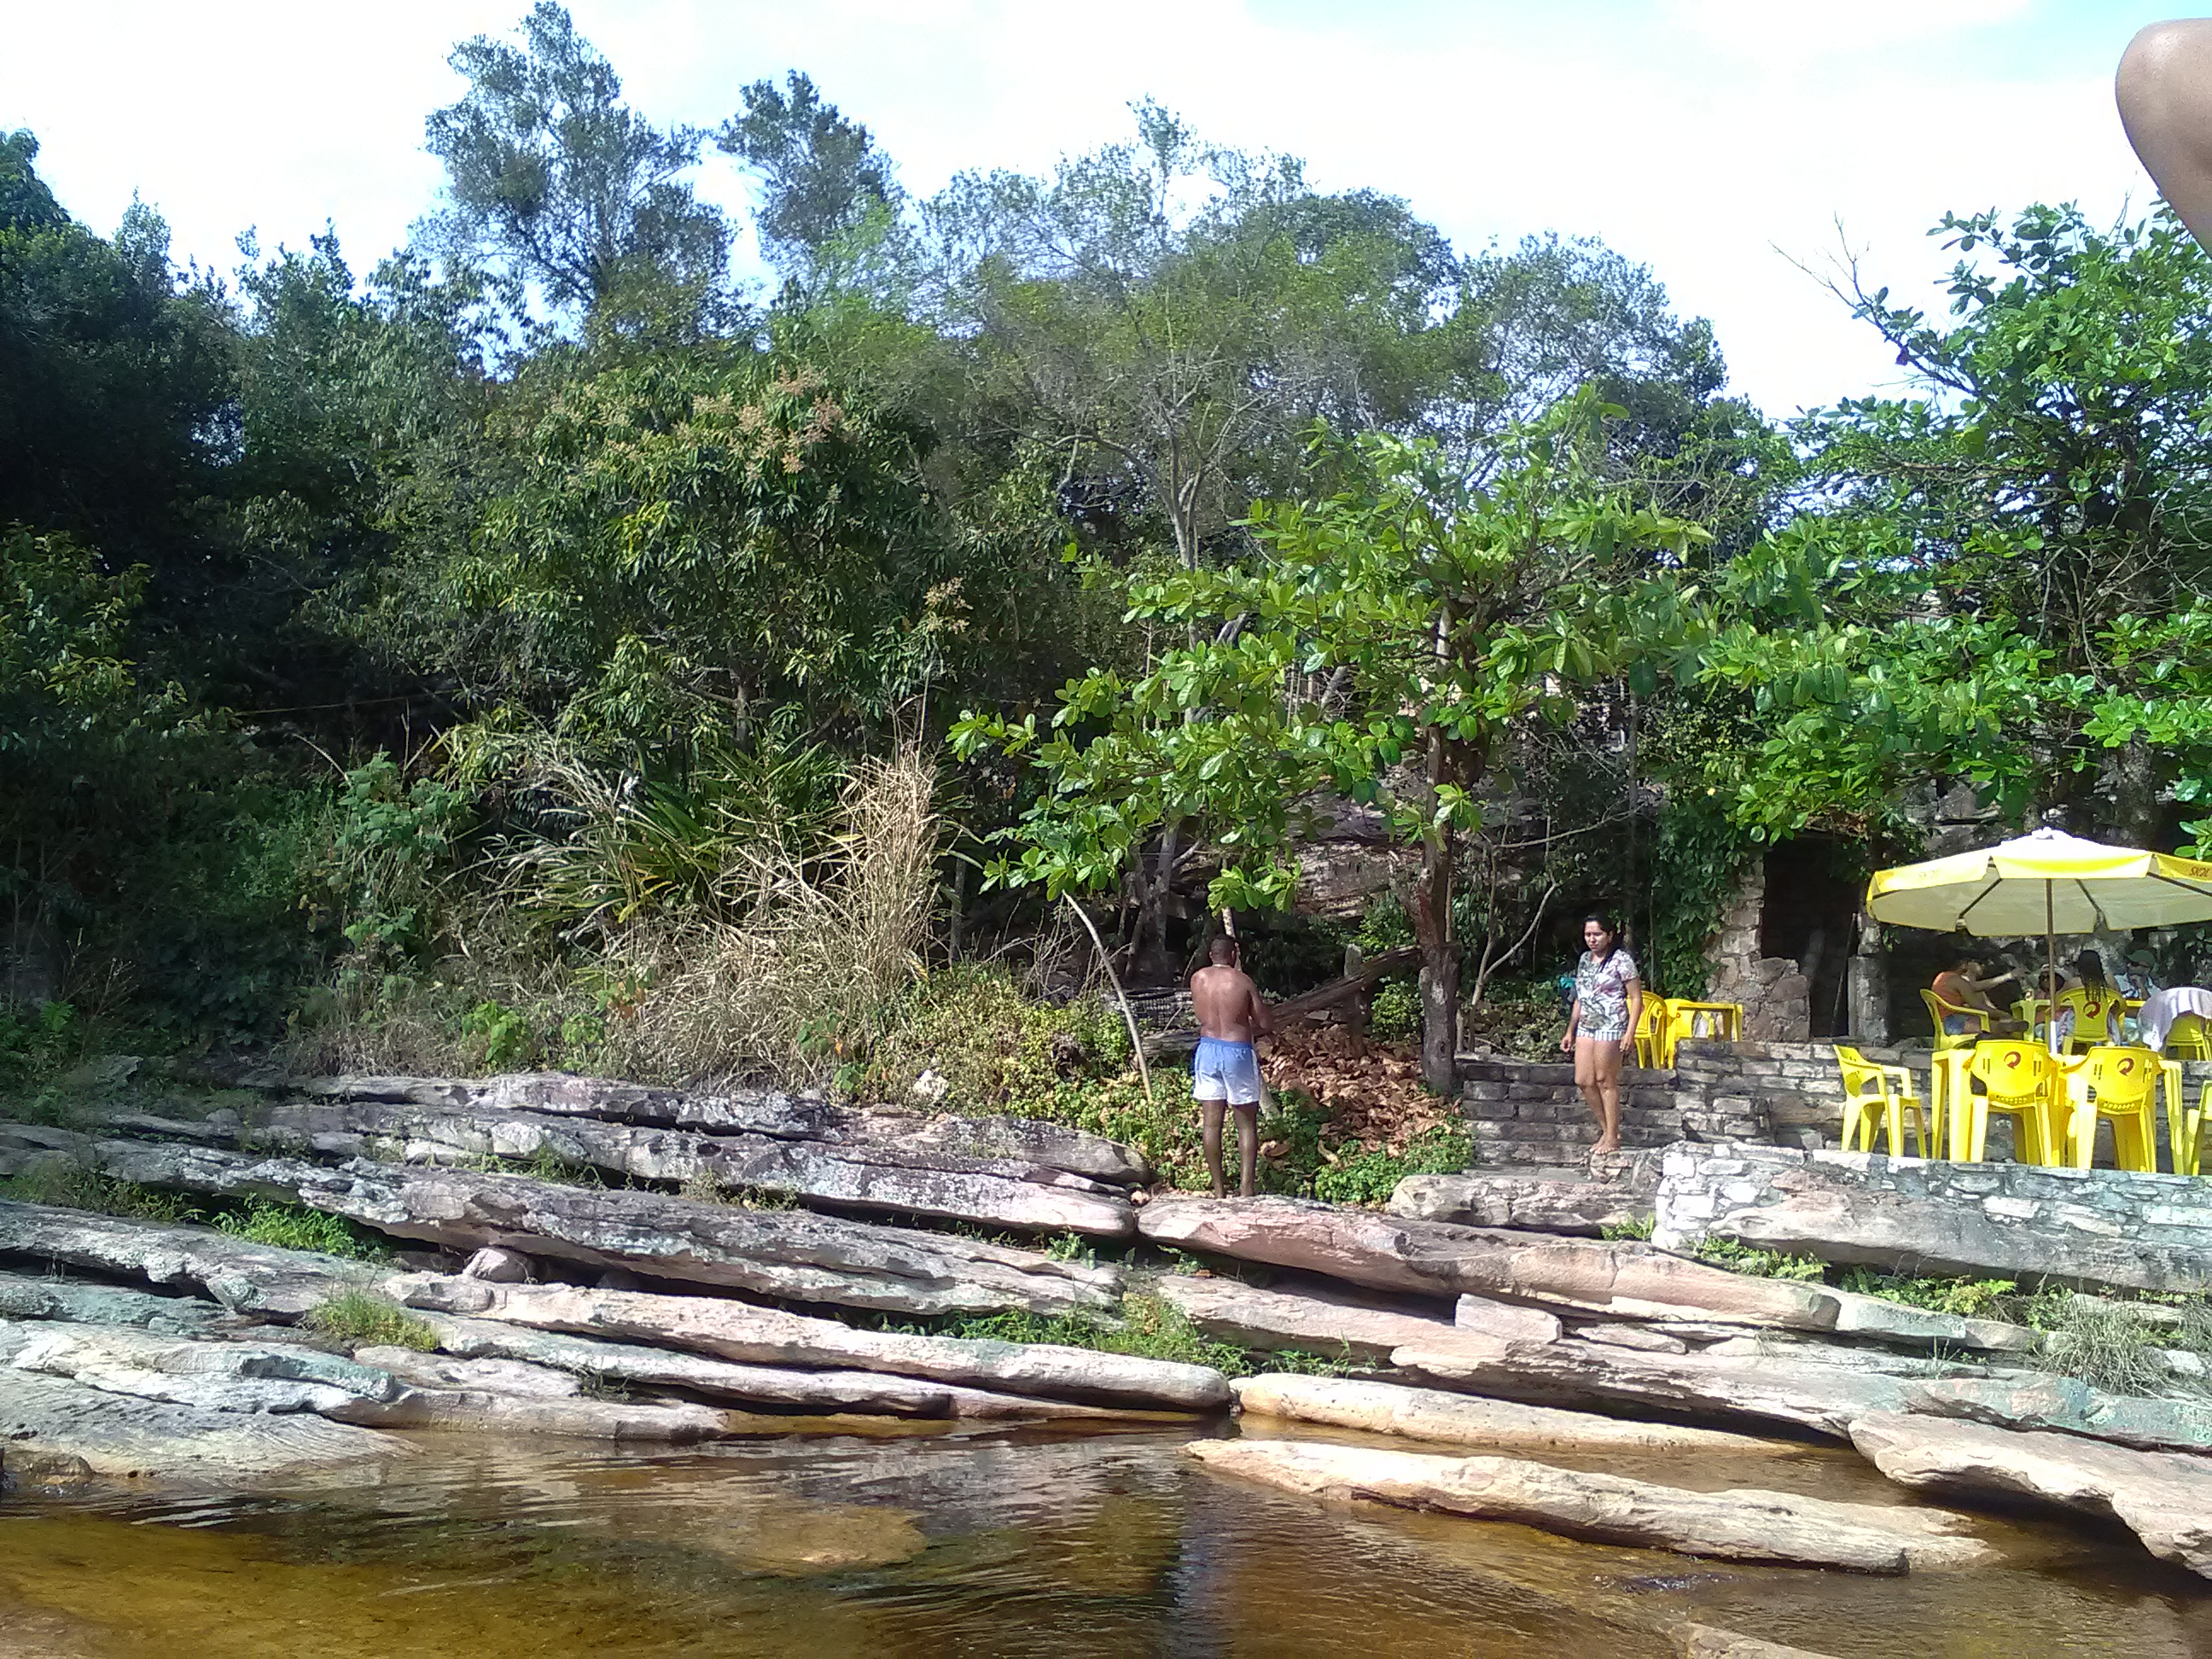 Fotos-uit-de-regio-van-Ibitiara-en-Seabra-aan-de-grote-BR-242-129